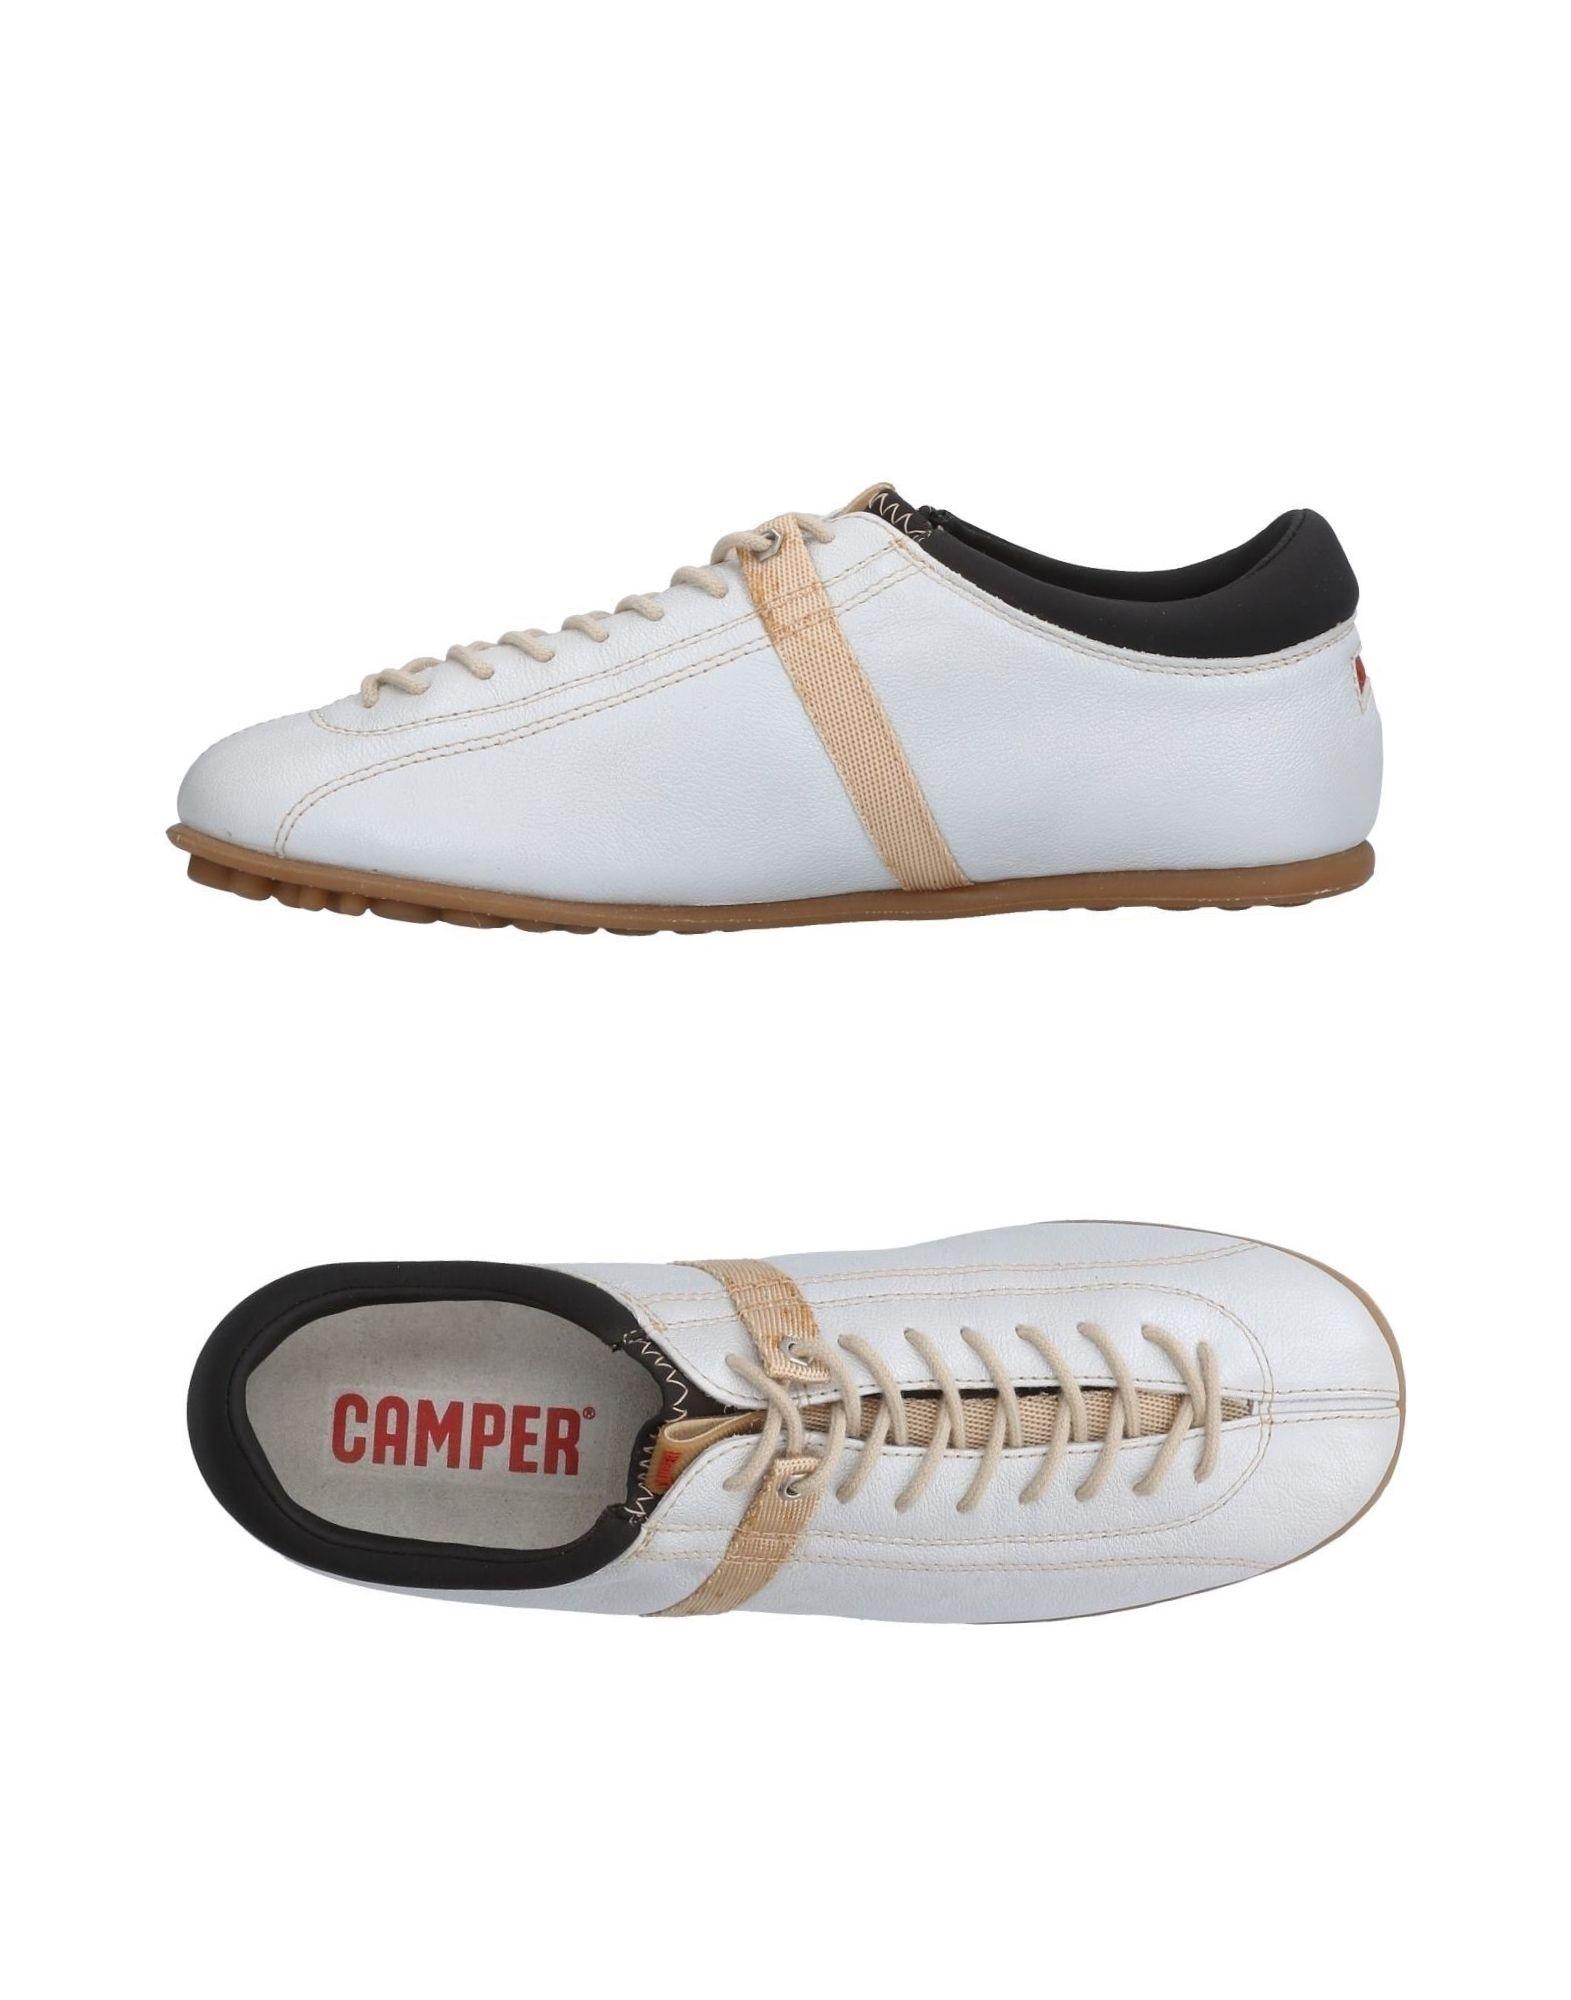 CAMPER Высокие кеды и кроссовки pierre hardy высокие кеды и кроссовки